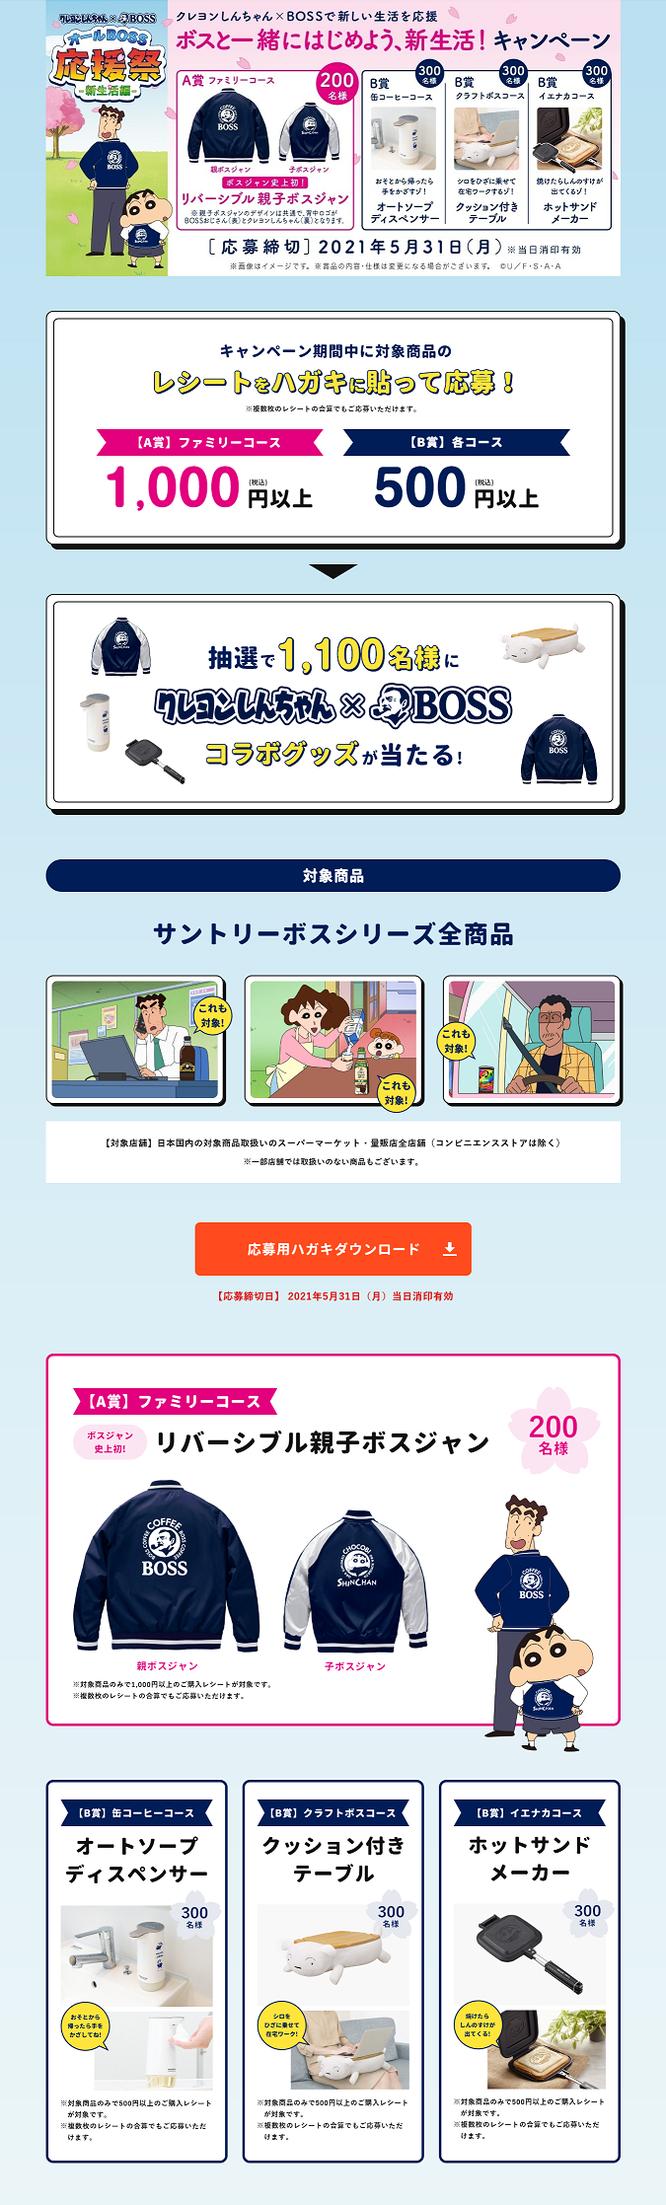 【サントリー】BOSS クレヨンしんちゃん新しい生活を応援キャンペーン